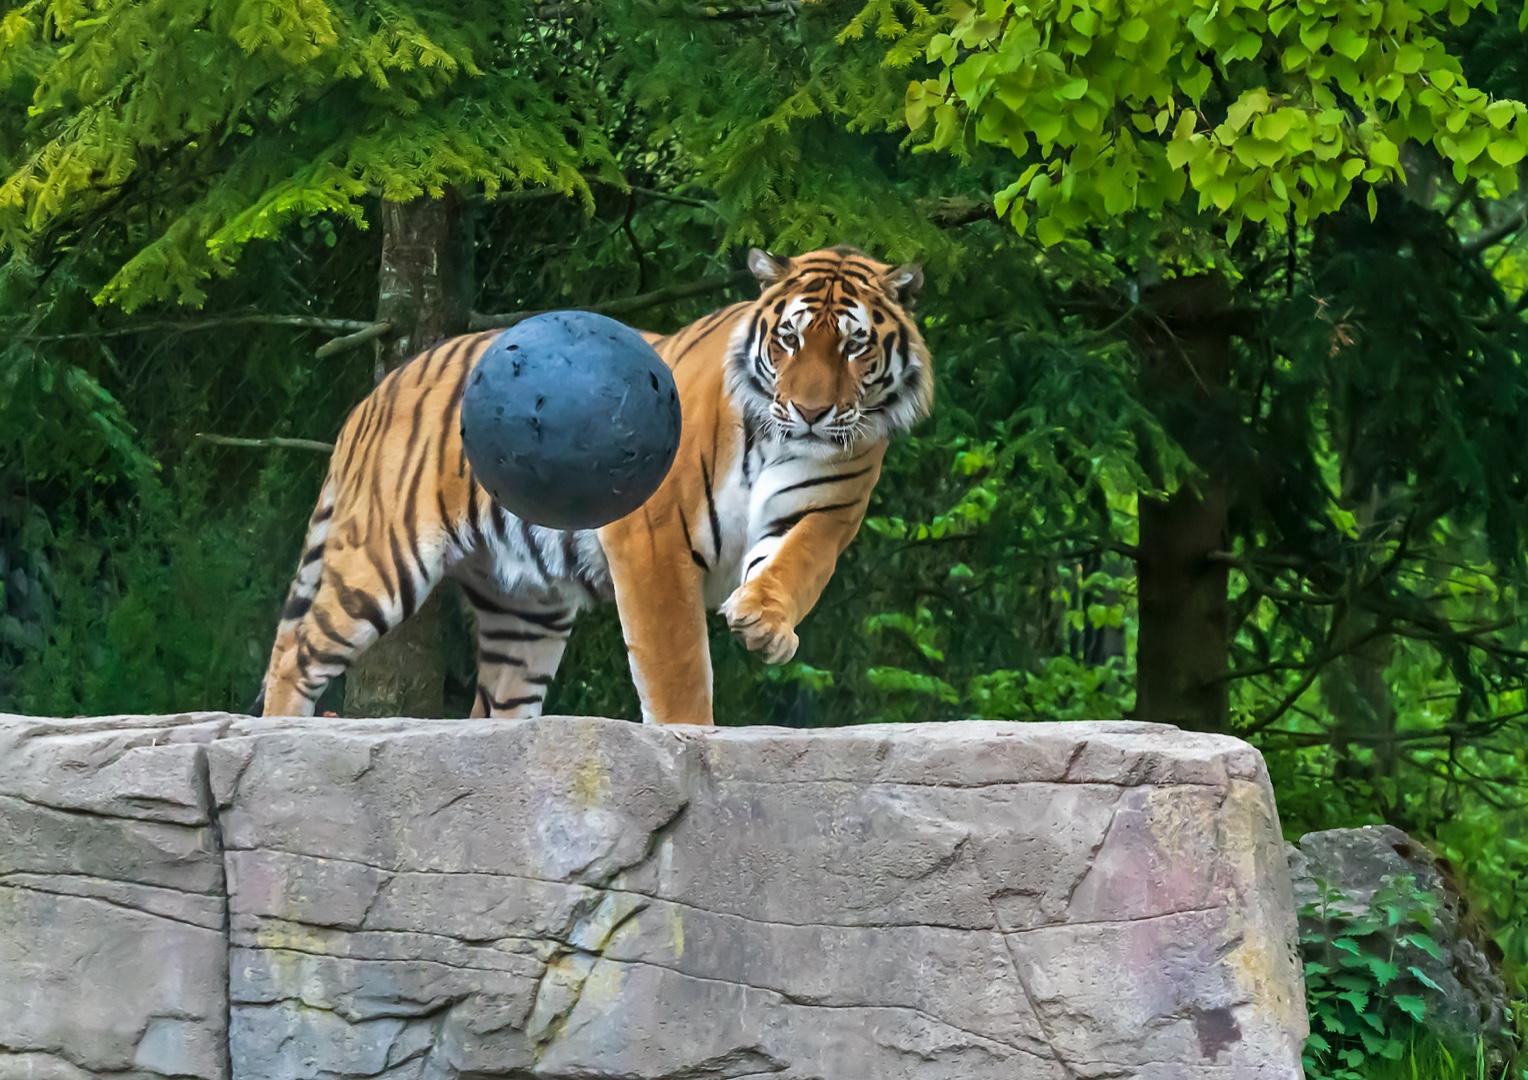 Tiger am Spielen